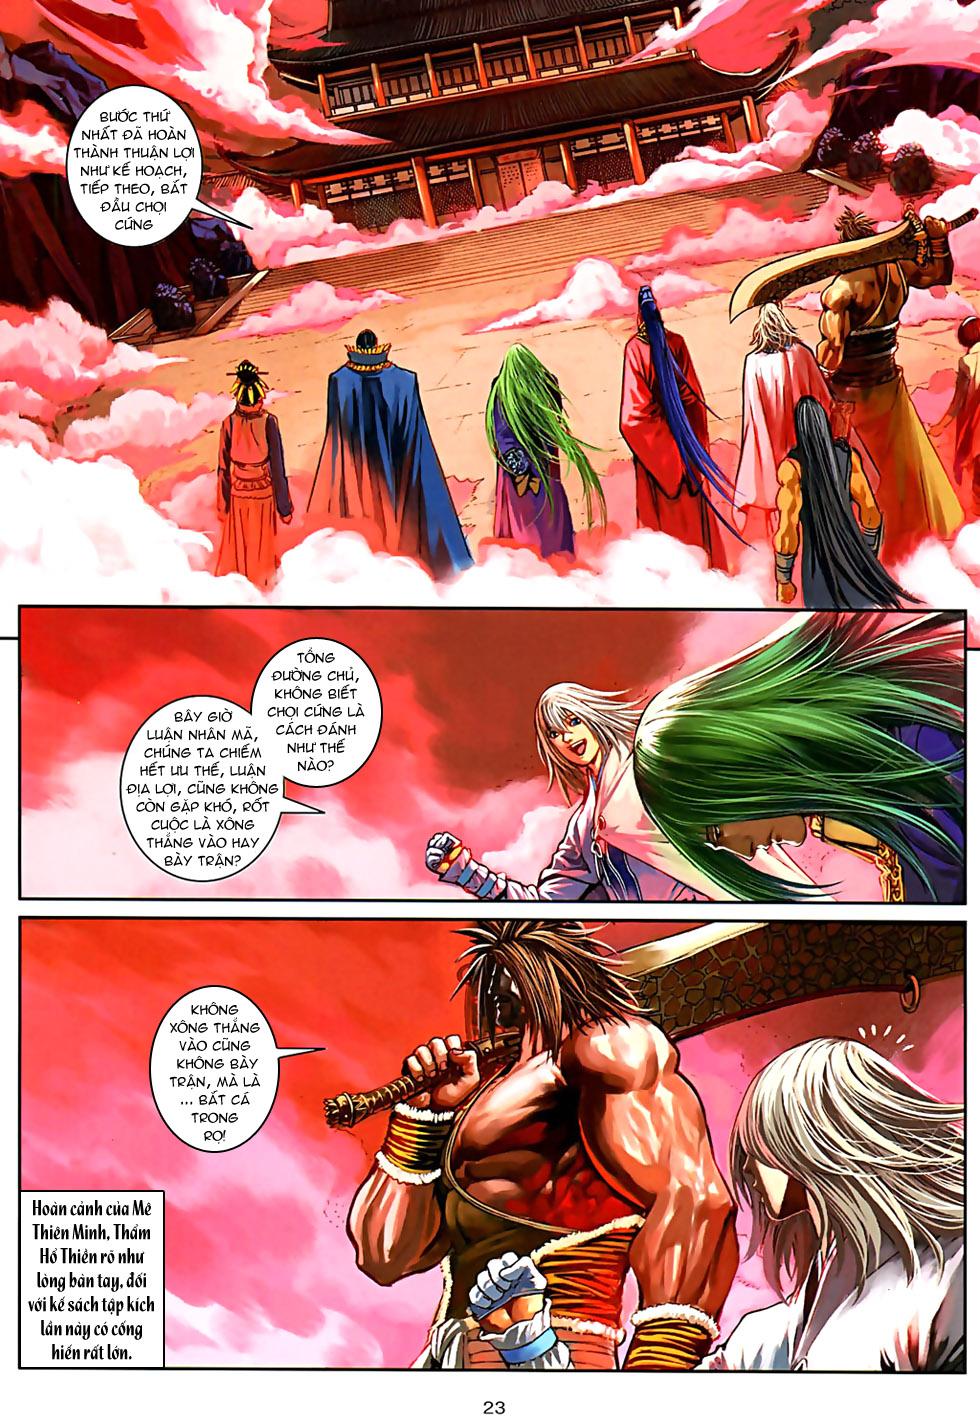 Ôn Thuỵ An Quần Hiệp Truyện Phần 2 chapter 32 trang 21